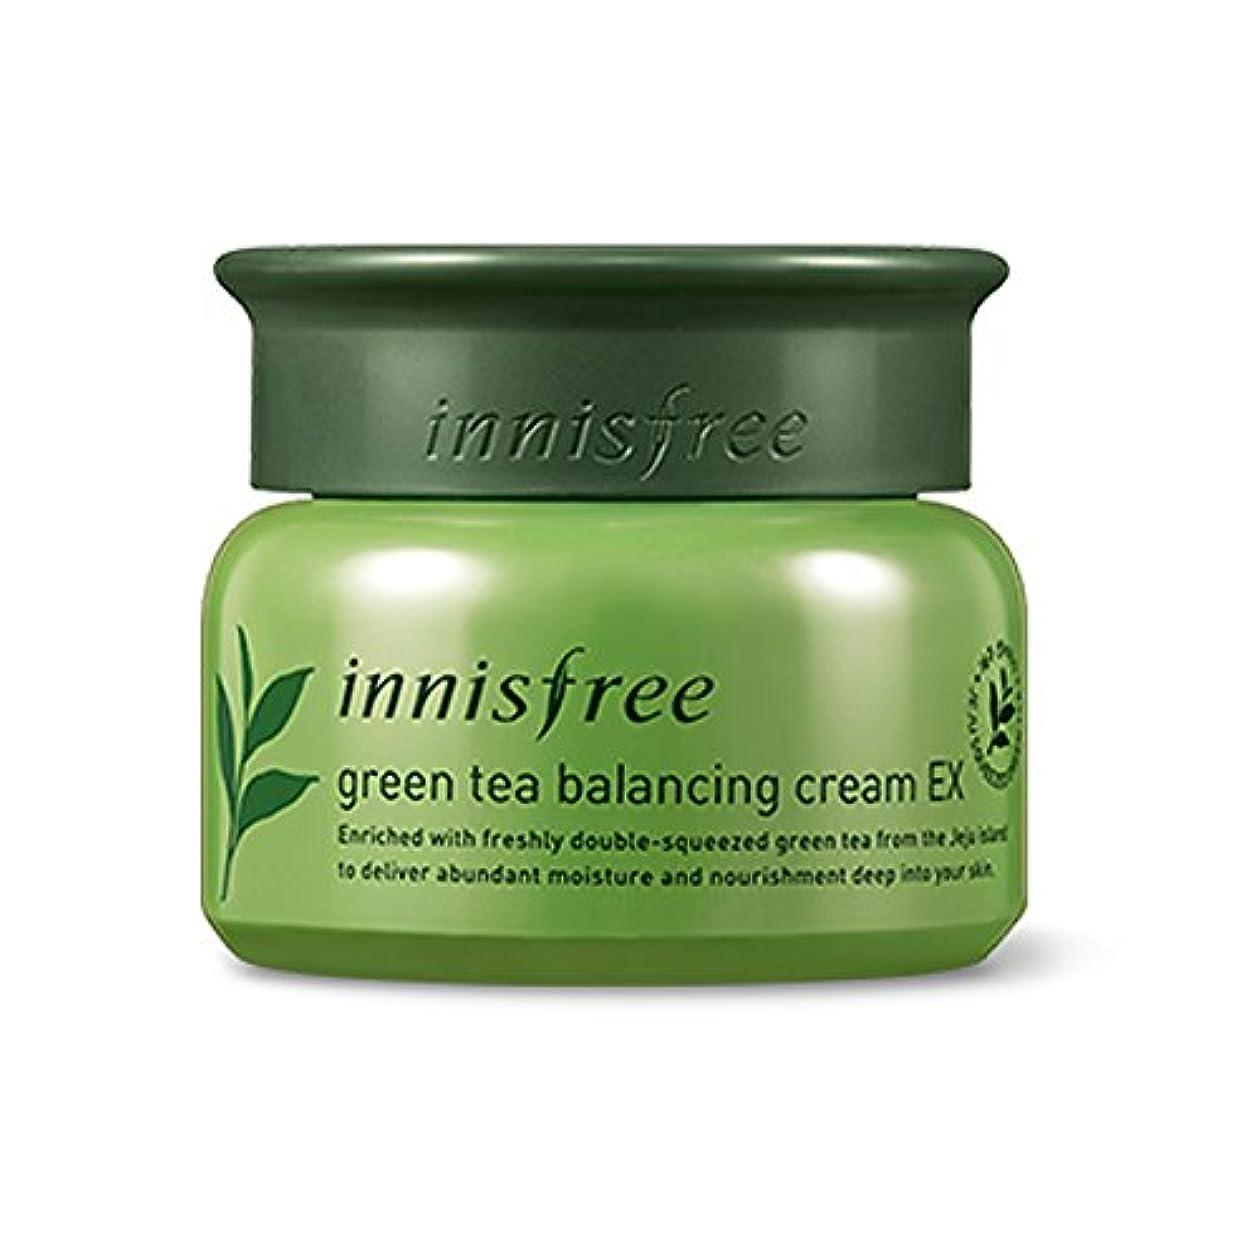 生理特徴づける建設イニスフリーグリーンティーバランスクリーム50ml「2018新製品」 Innisfree Green Tea Balancing Cream 50ml